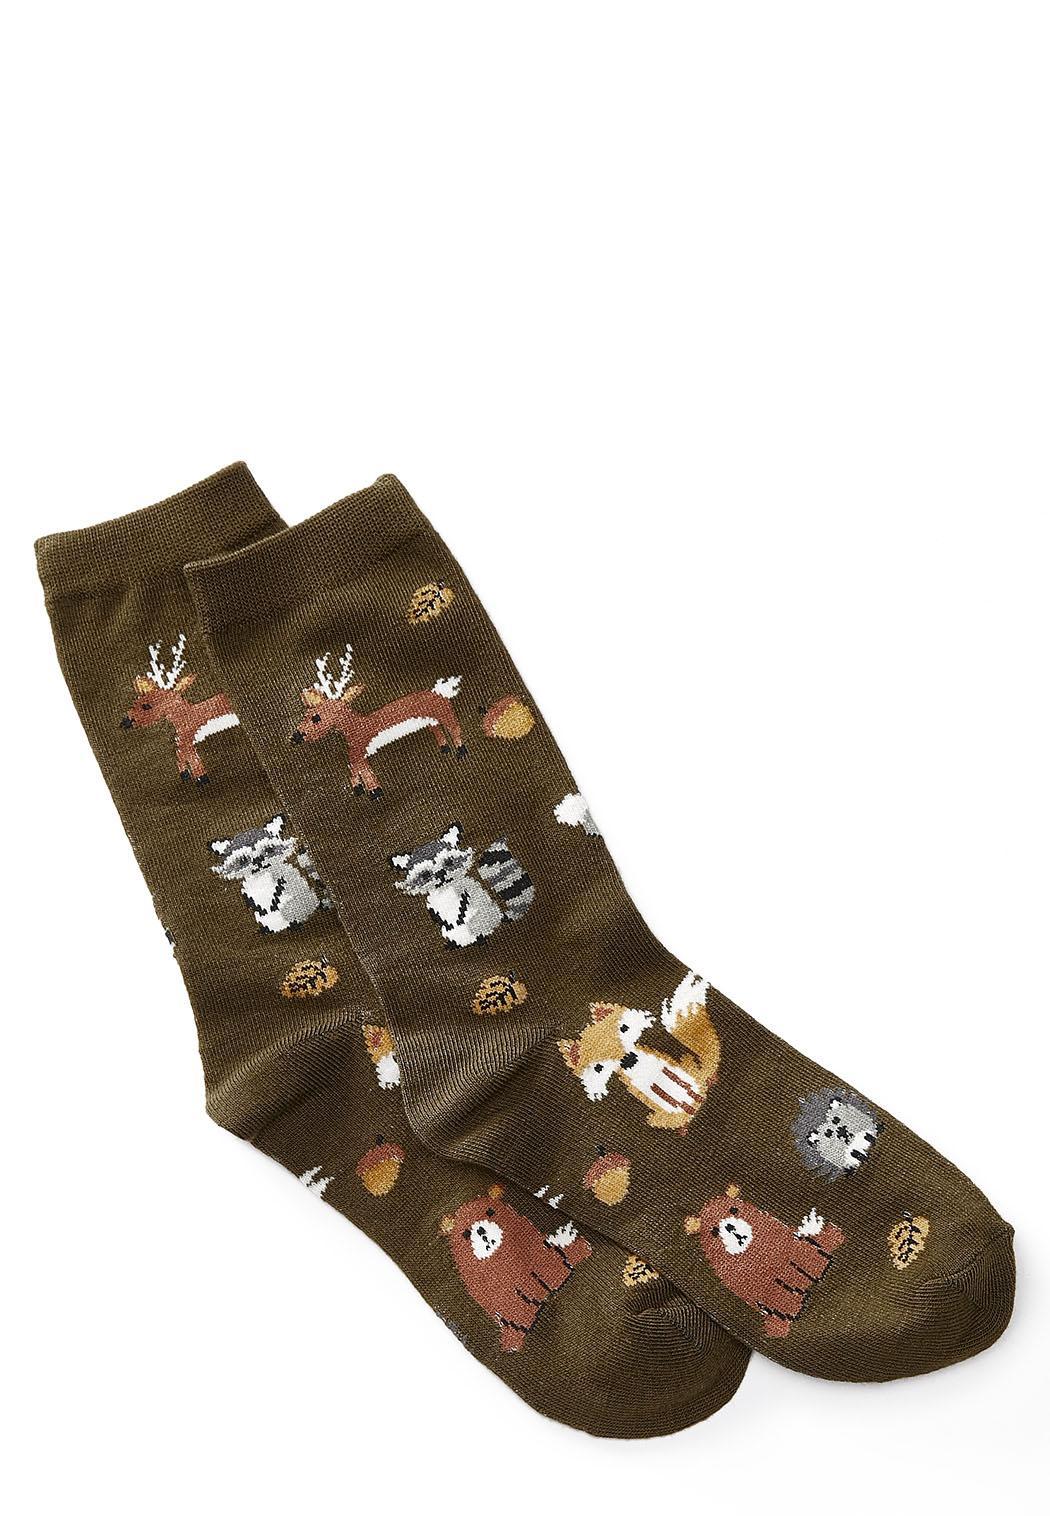 Forest Critter Crew Socks